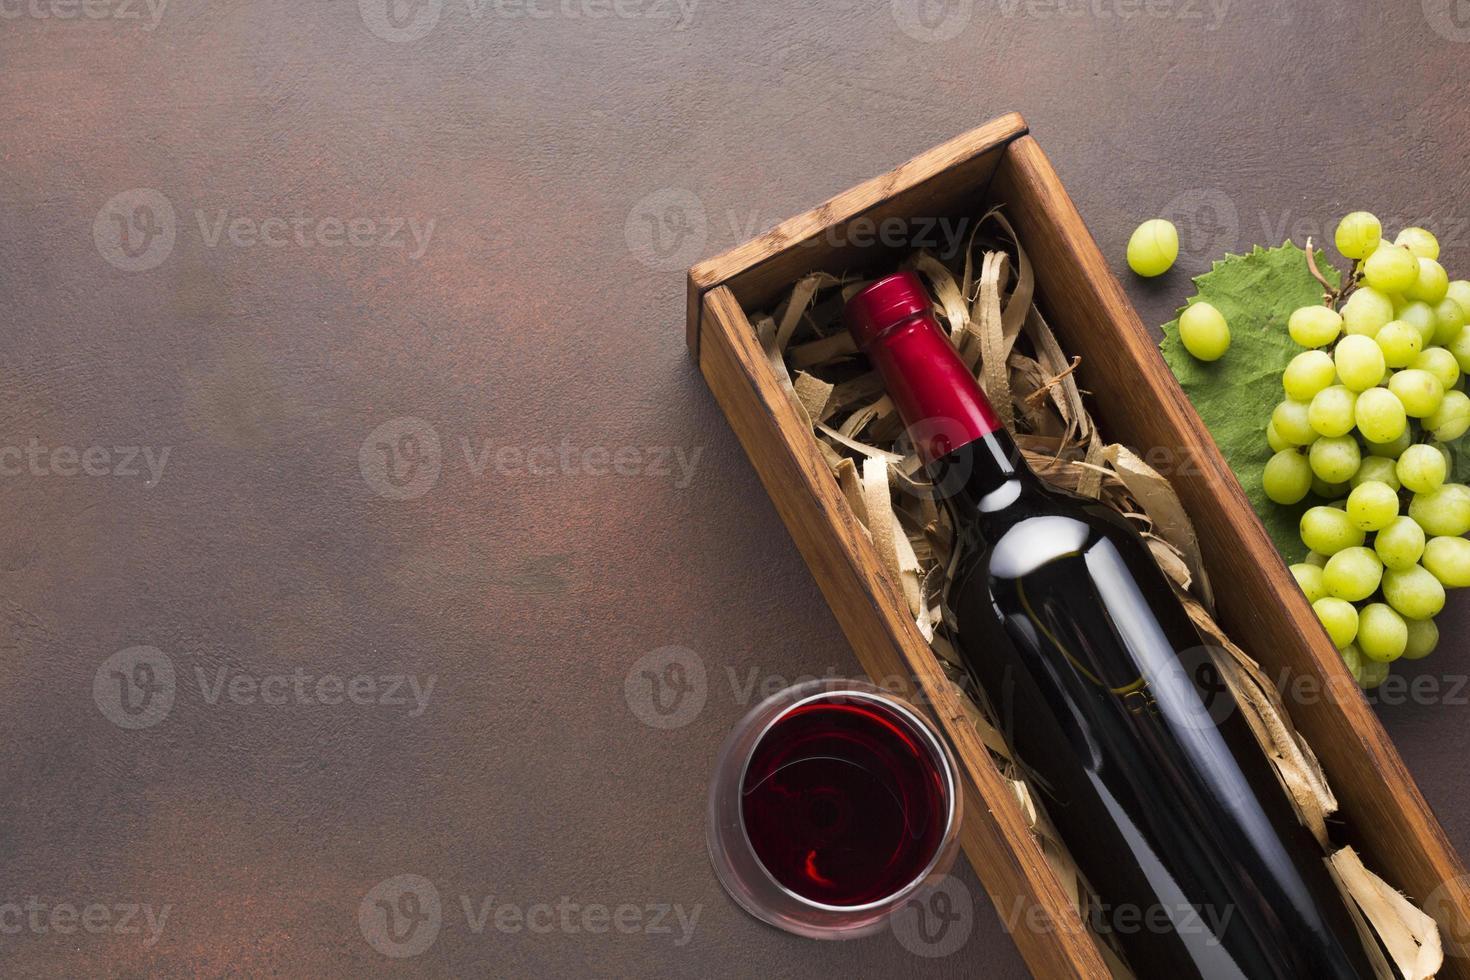 rode wijnkist met witte druiven foto